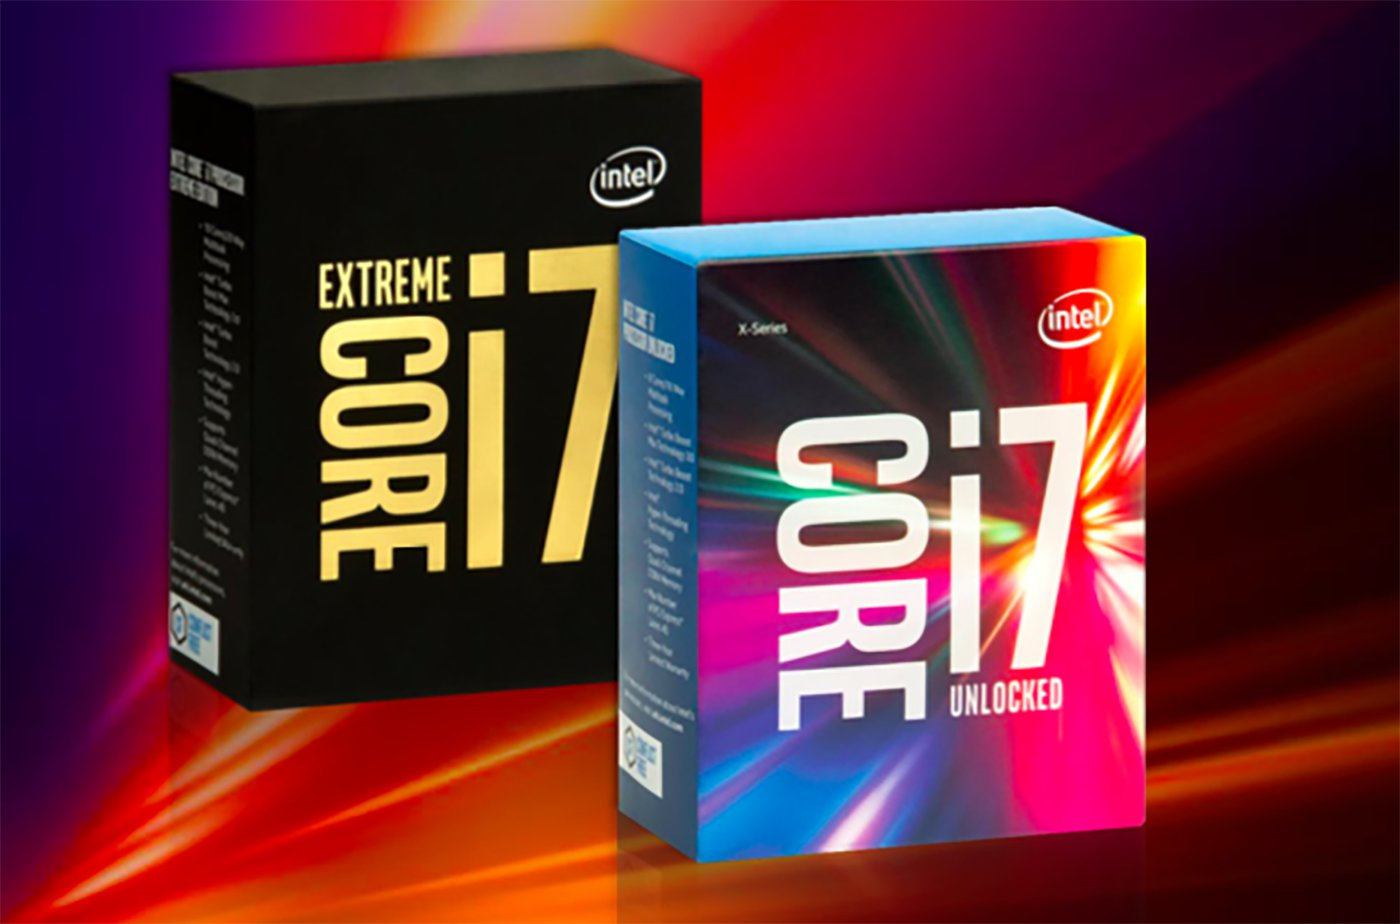 Dòng Core i7 Extreme Edition mới ra mắt của Intel bao gồm: 1 chip 10 lõi, 1 chip 8 lõi và 2 chip 6 lõi